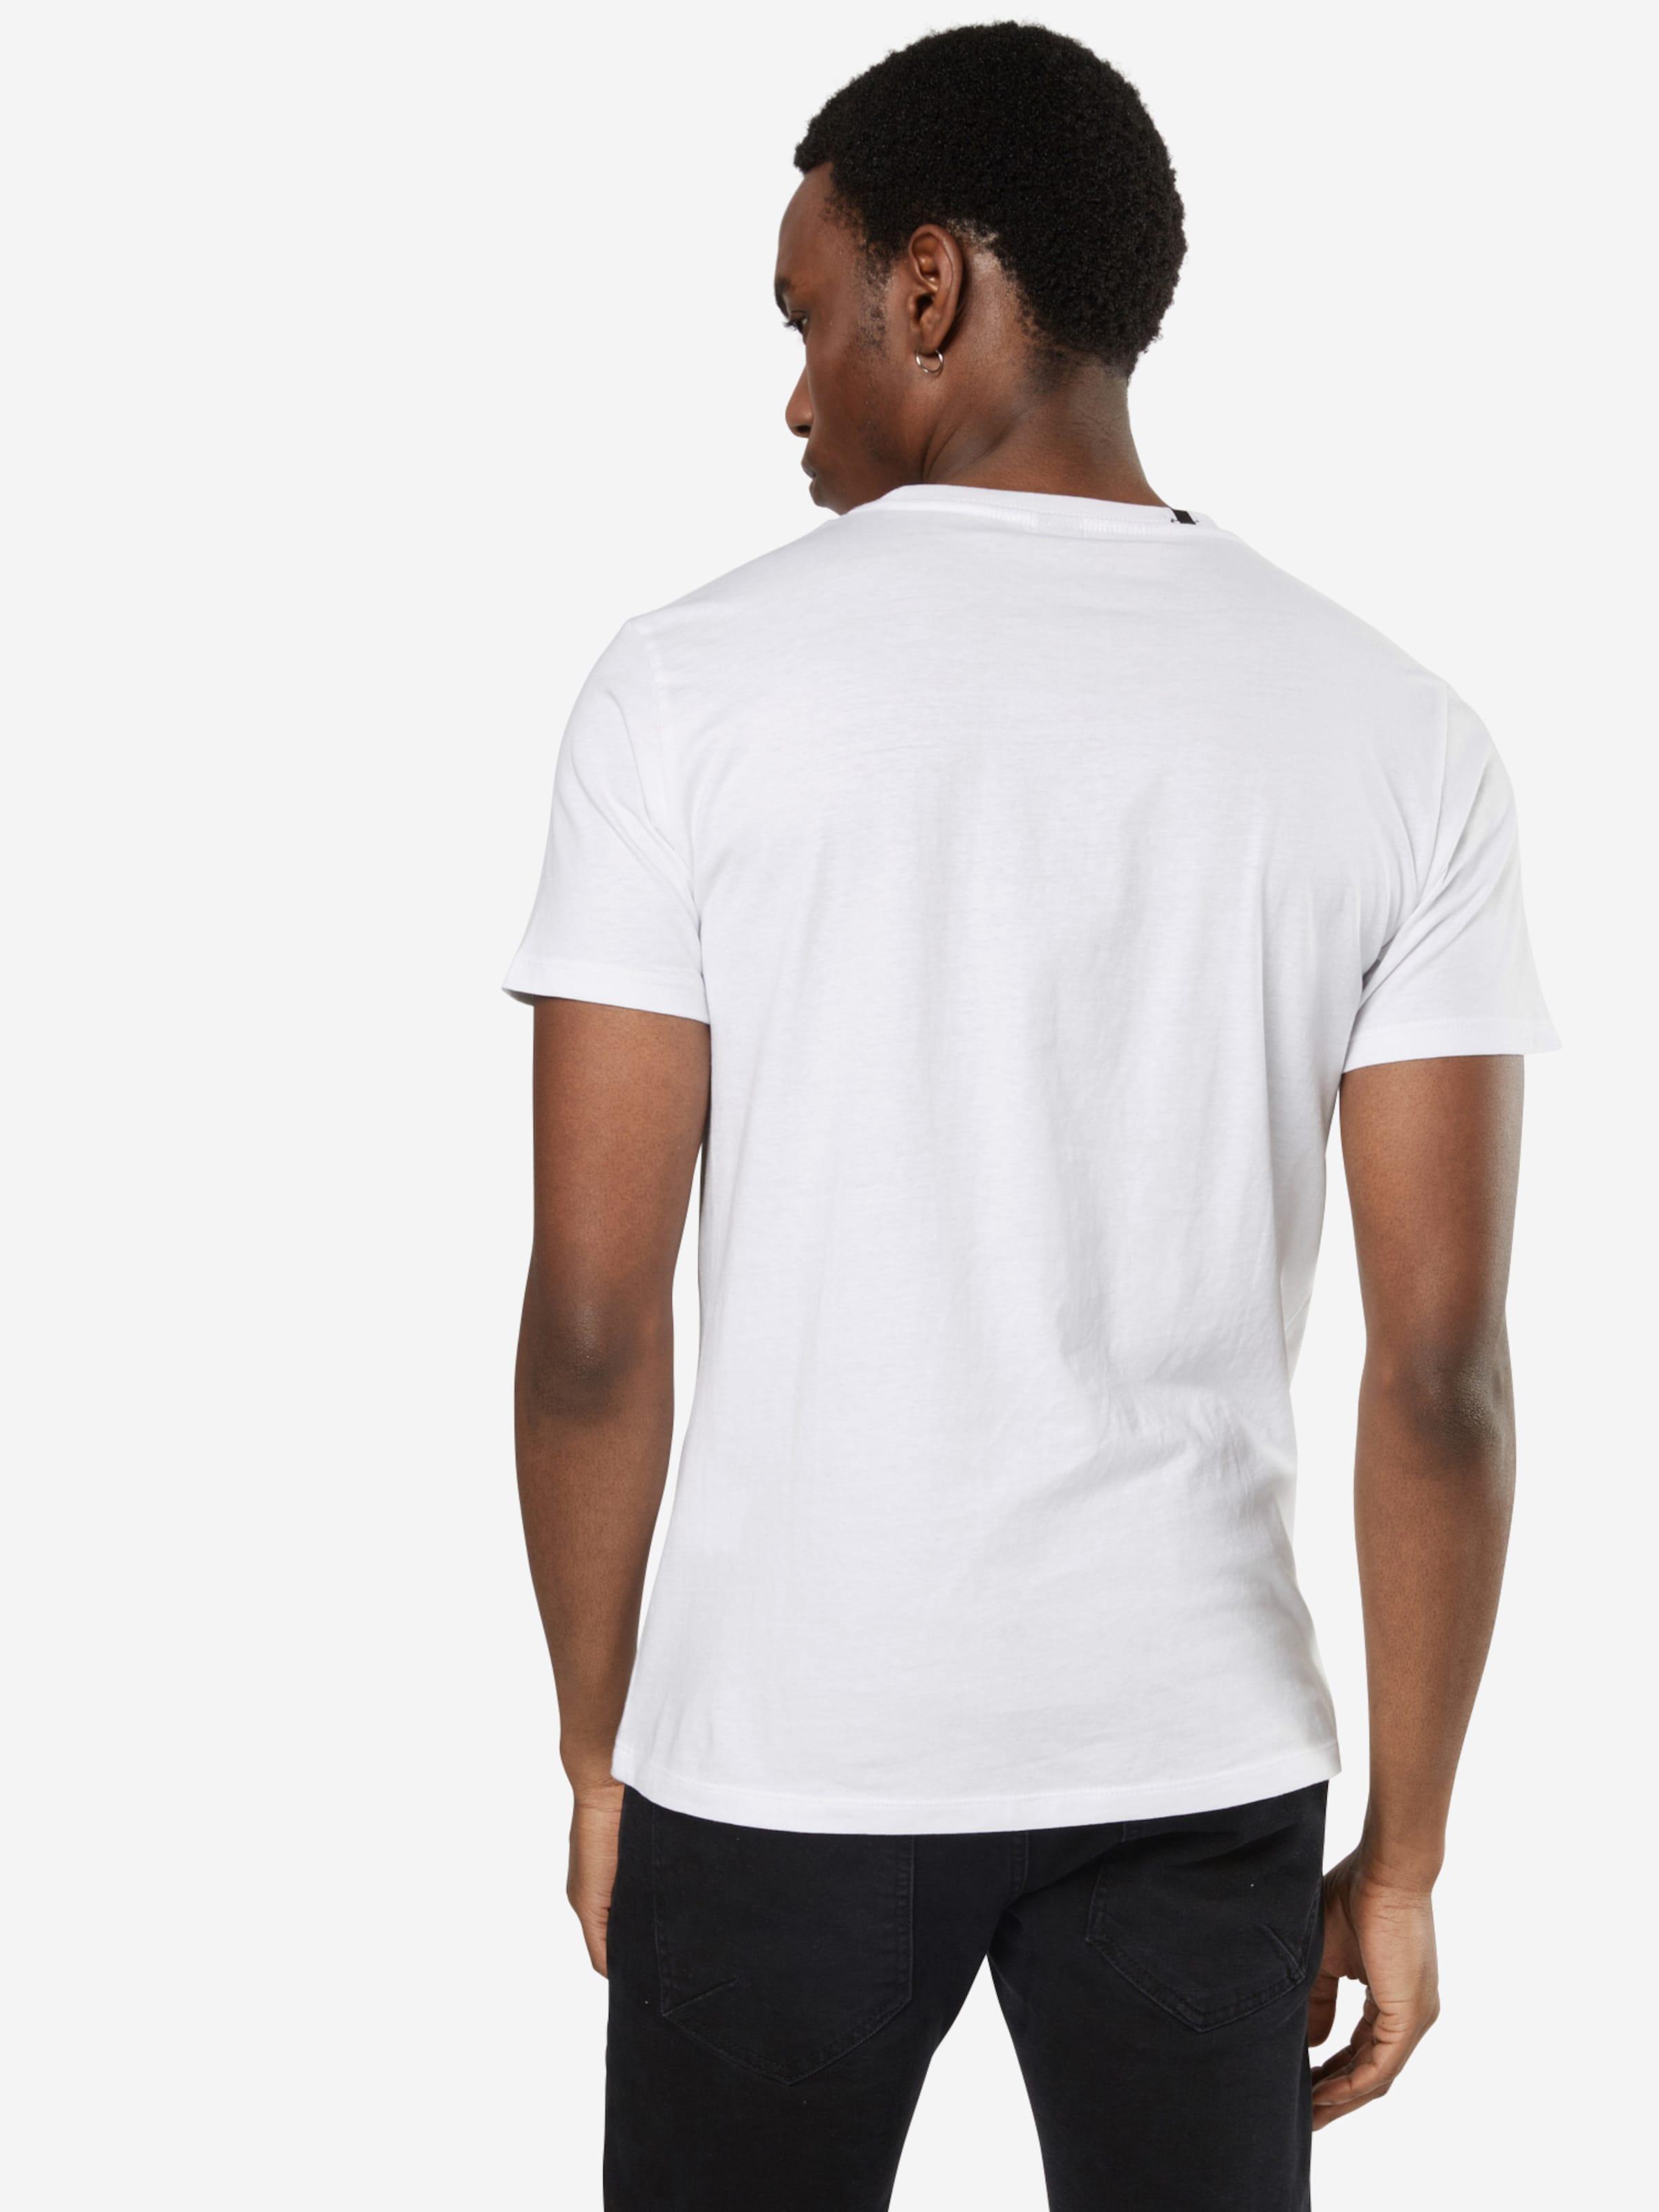 Spielraum Größte Lieferant Steckdose Billig REPLAY Shirt 'TShirt' Spielraum Beruf NiJ9zQe